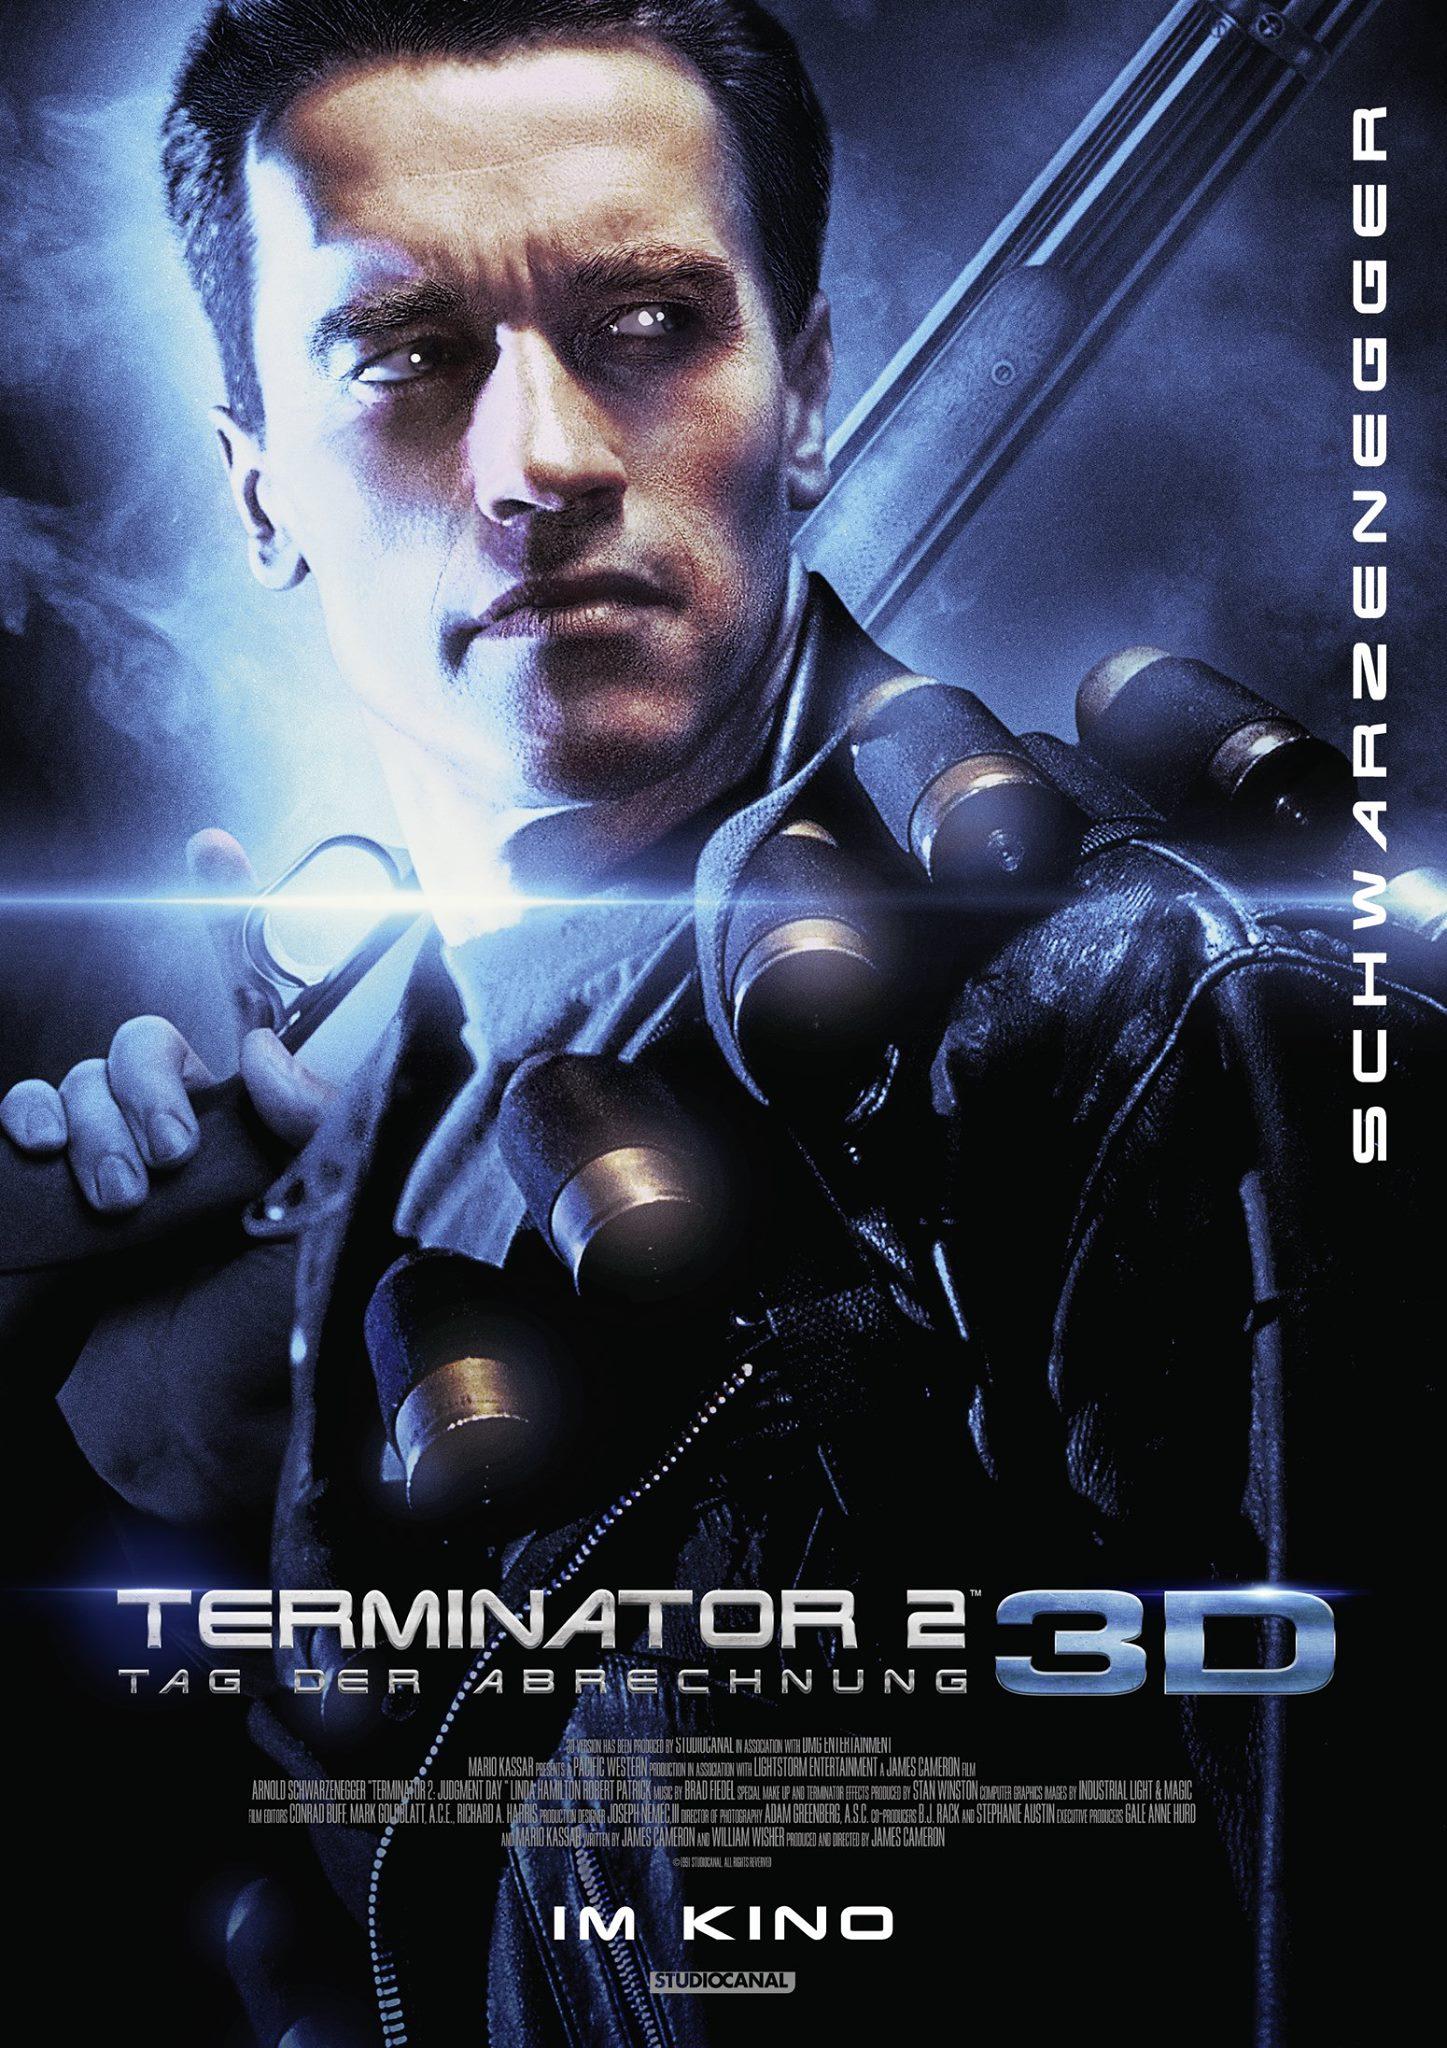 Terminator-2-3D-Tag-der-Abrechnung-3D-kinostart-im-august